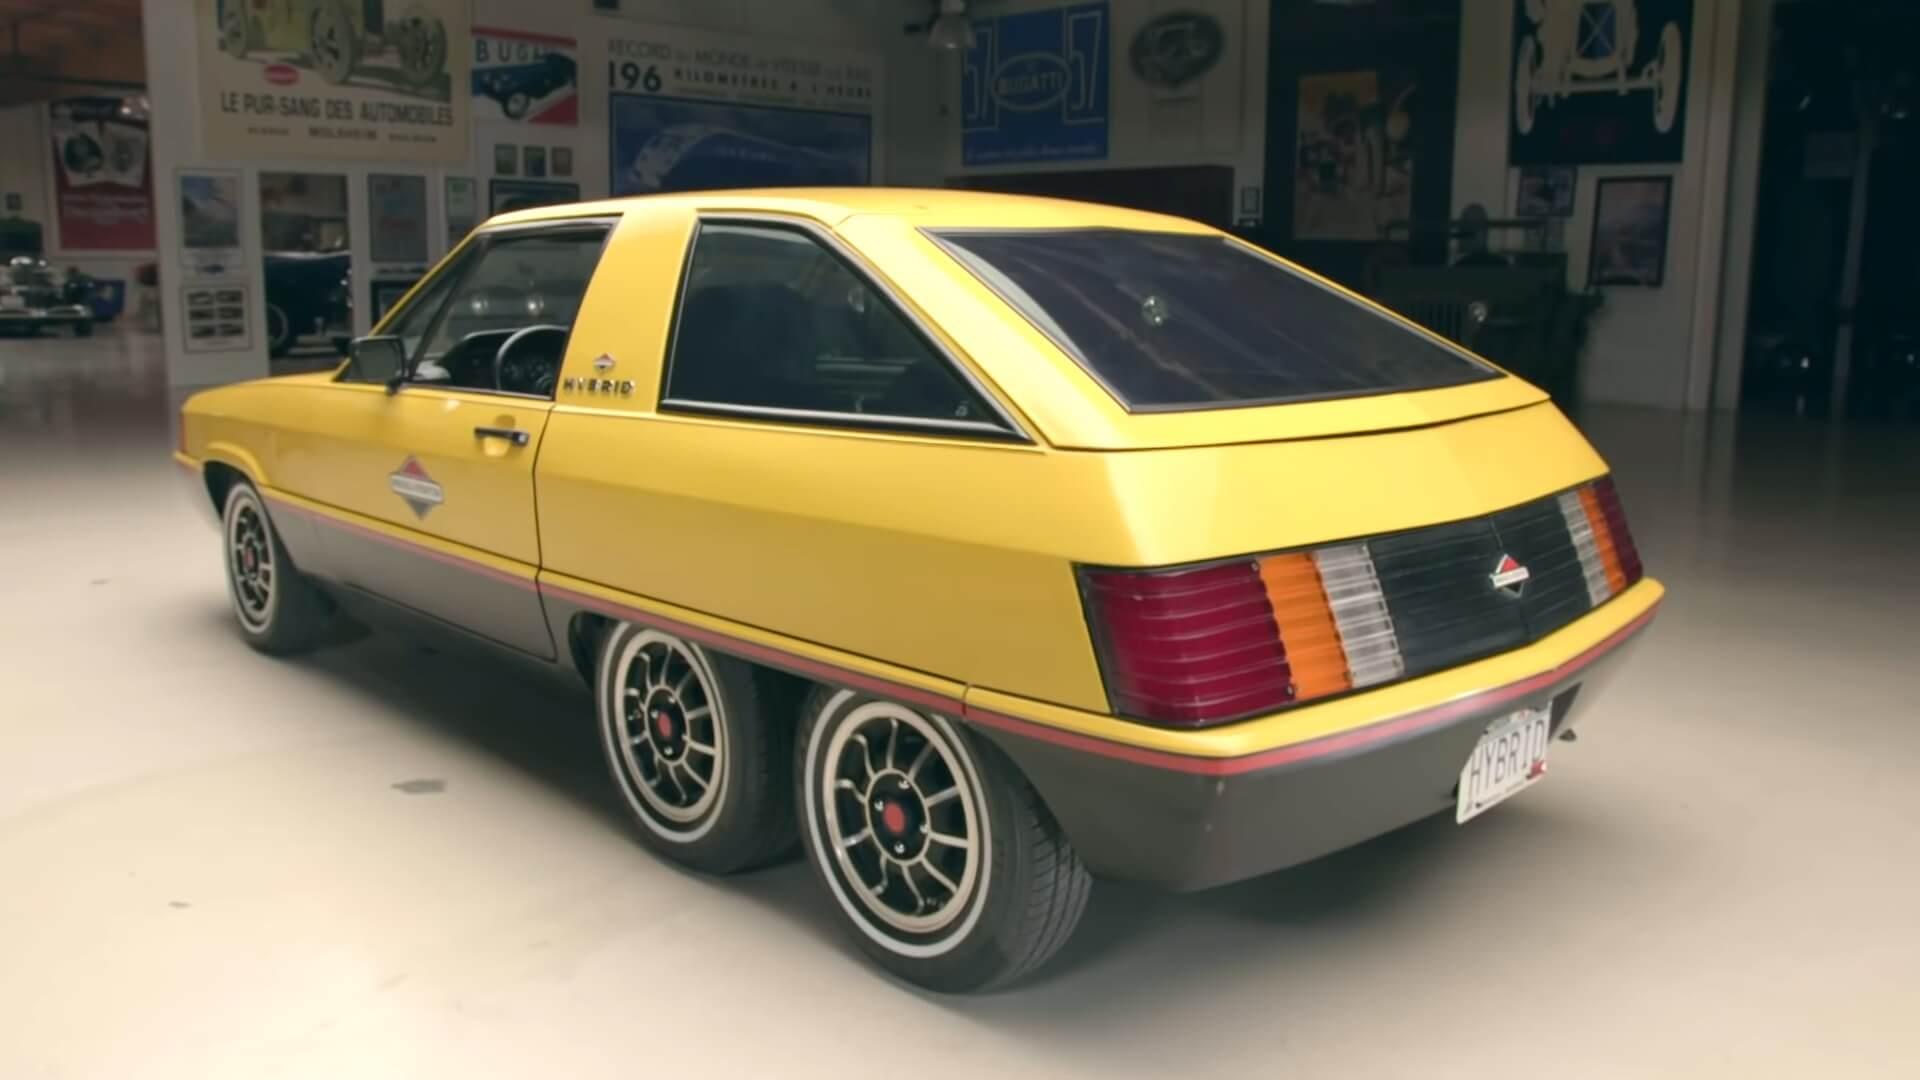 Шестиколесное шасси Briggs & Stratton Hybrid было позаимствовано от небольшого электрического фургона. Дополнительный набор колес был необходим, чтобы помочь выдержать вес батарей